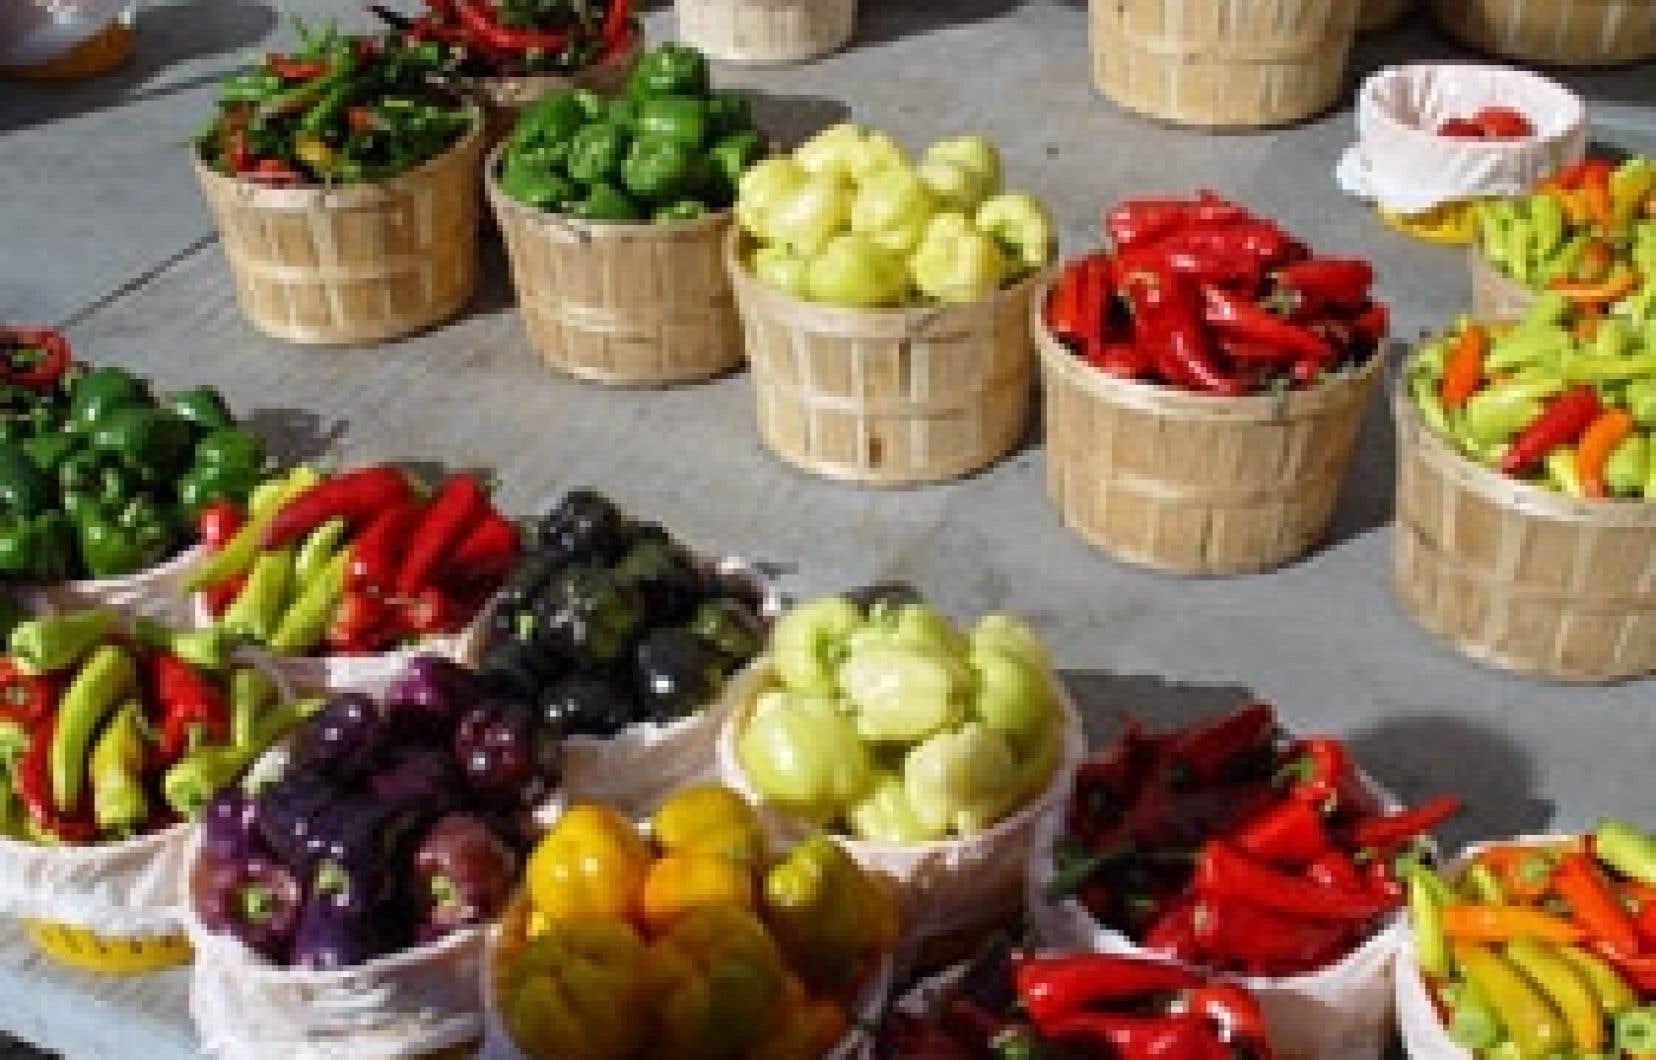 Fruits et légumes sont essentiels dans une saine alimentation. Avec un peu de débrouillardise, on peut parvenir à bien manger, même quand on est démuni, en déterminant, par exemple, à quel moment acheter le meilleur produit au meilleur prix et à